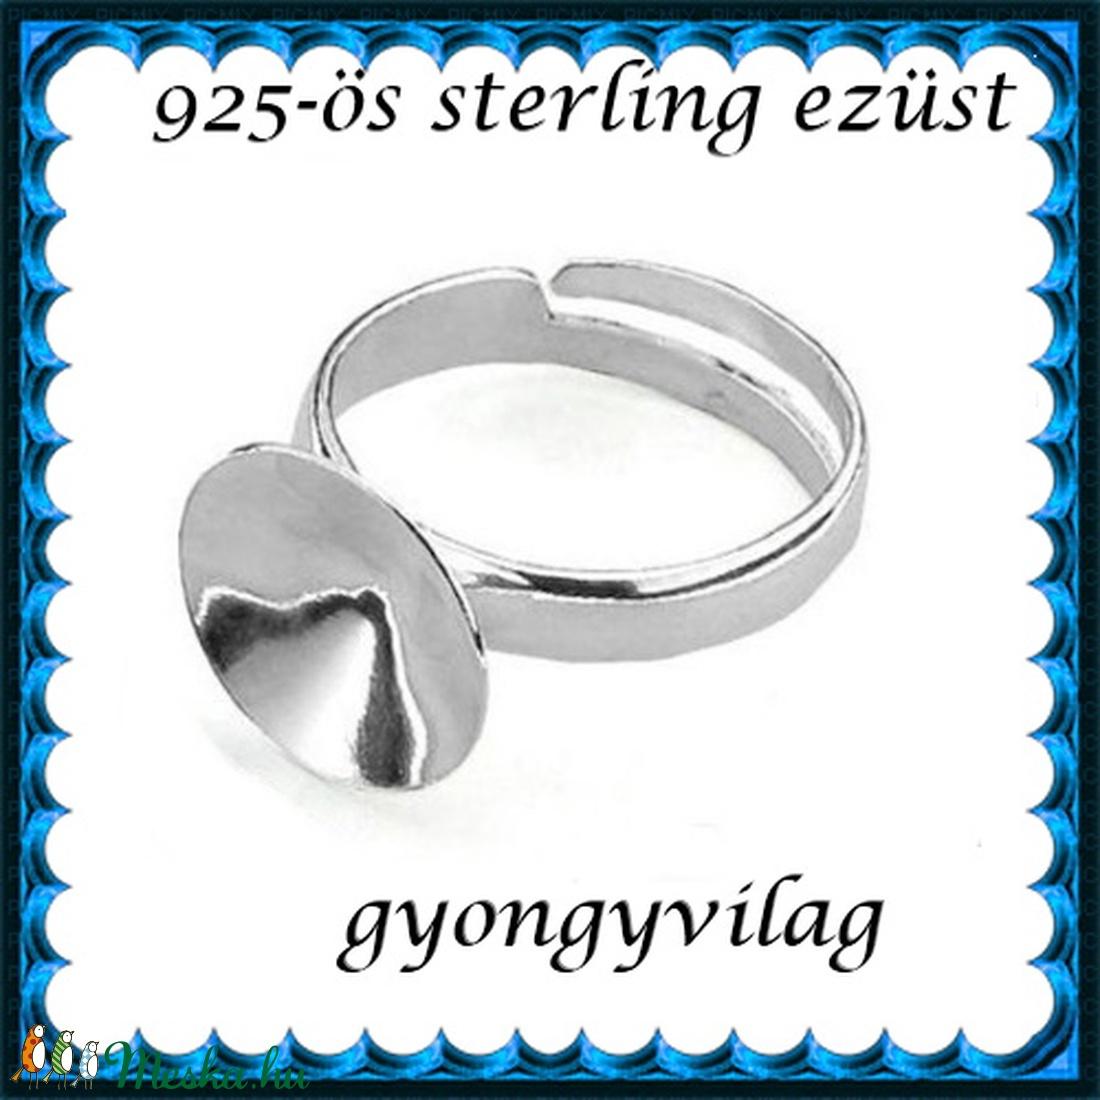 925-ös sterling ezüst gyűrű alap EGY 05-14 állítható méret - gyöngy, ékszerkellék - fém köztesek - Meska.hu